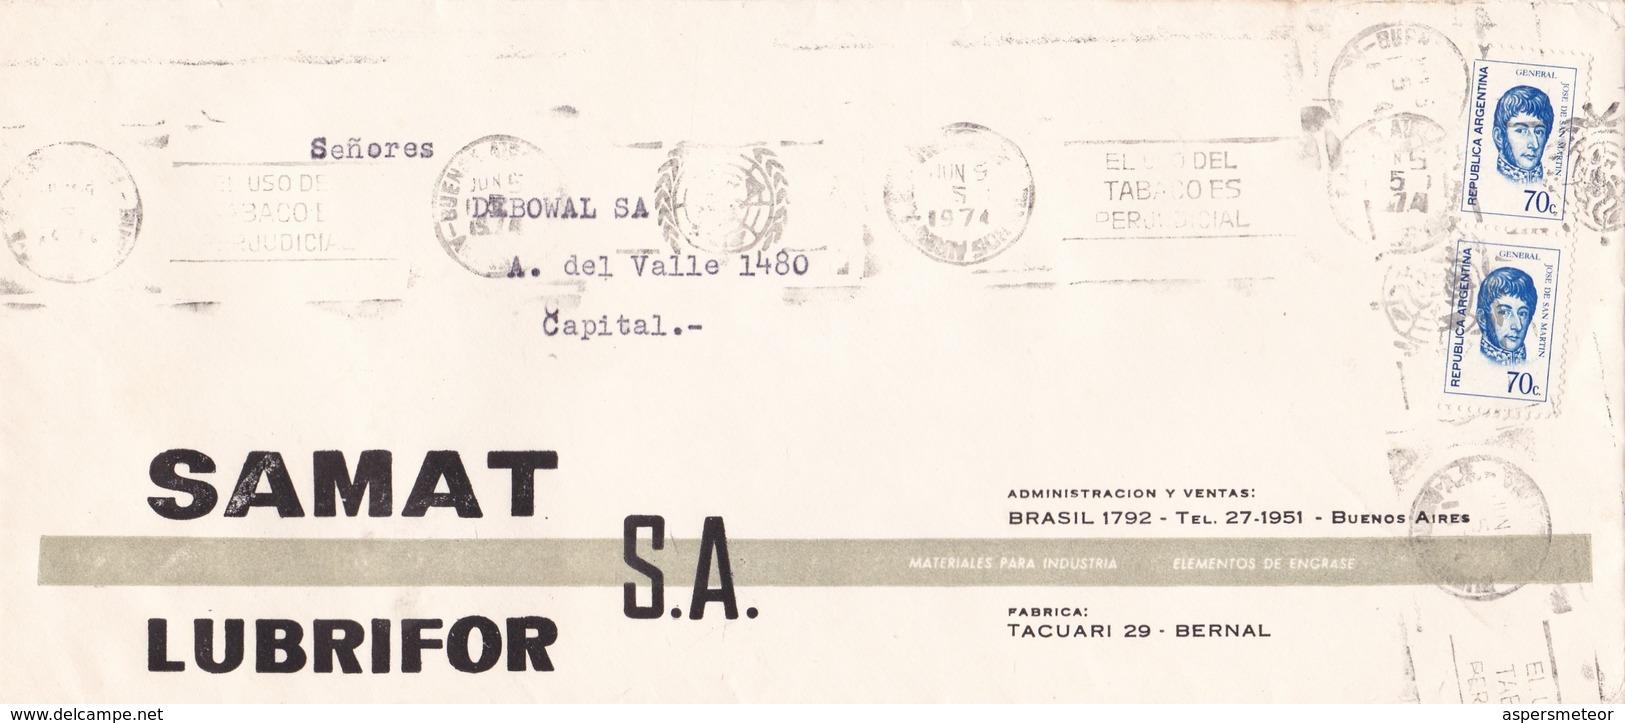 """""""EL USO DEL TABACO ES PERJUDICIAL"""" BANDELETA PARLANTE AÑO 1974 SOBRE COMERCIAL SAMAT LUBRIFOR SA - BLEUP - Argentina"""